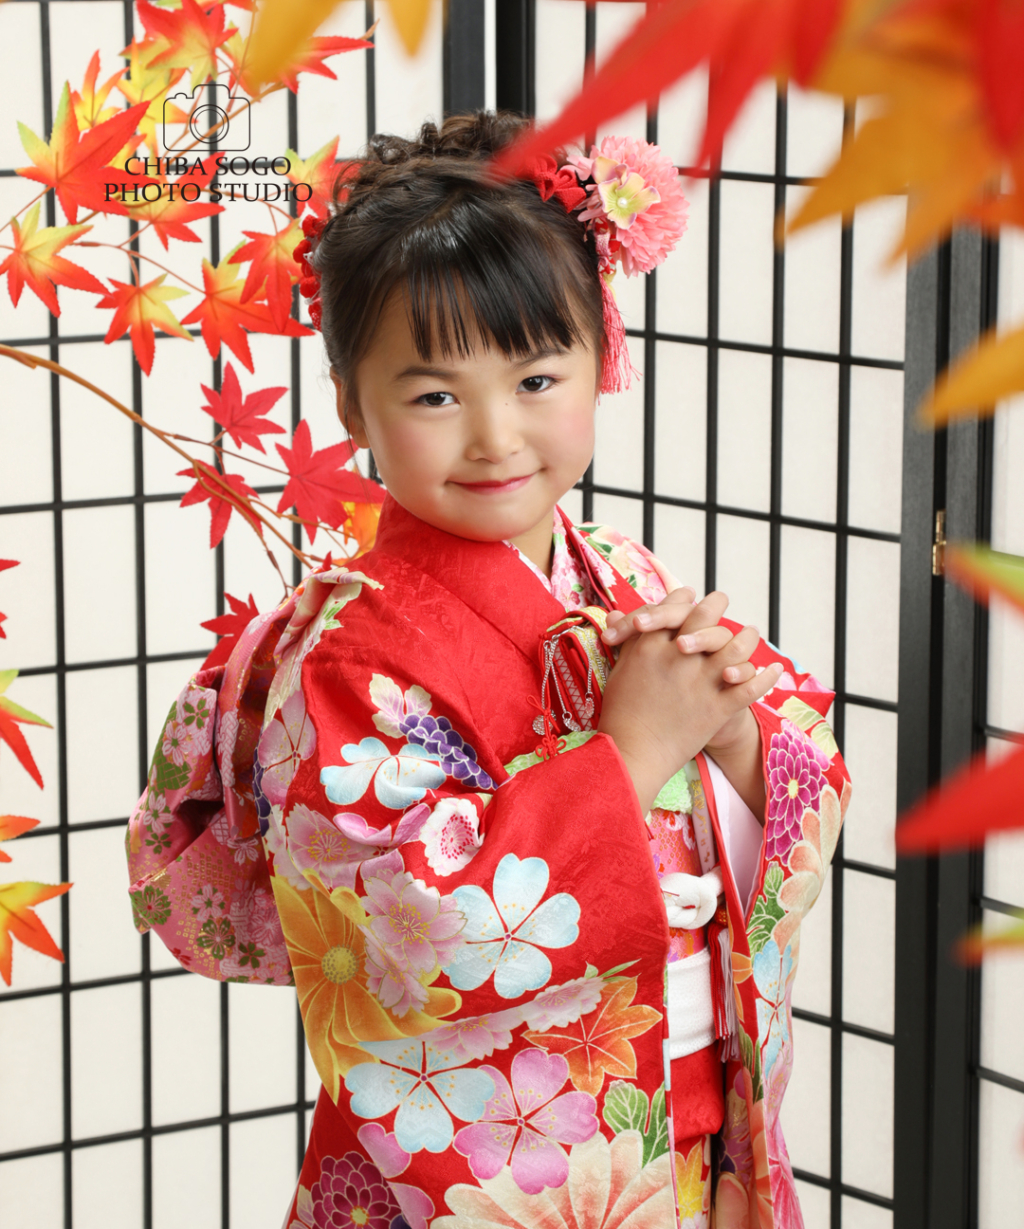 七五三記念写真撮影例(7歳女の子着物)千葉そごう写真館